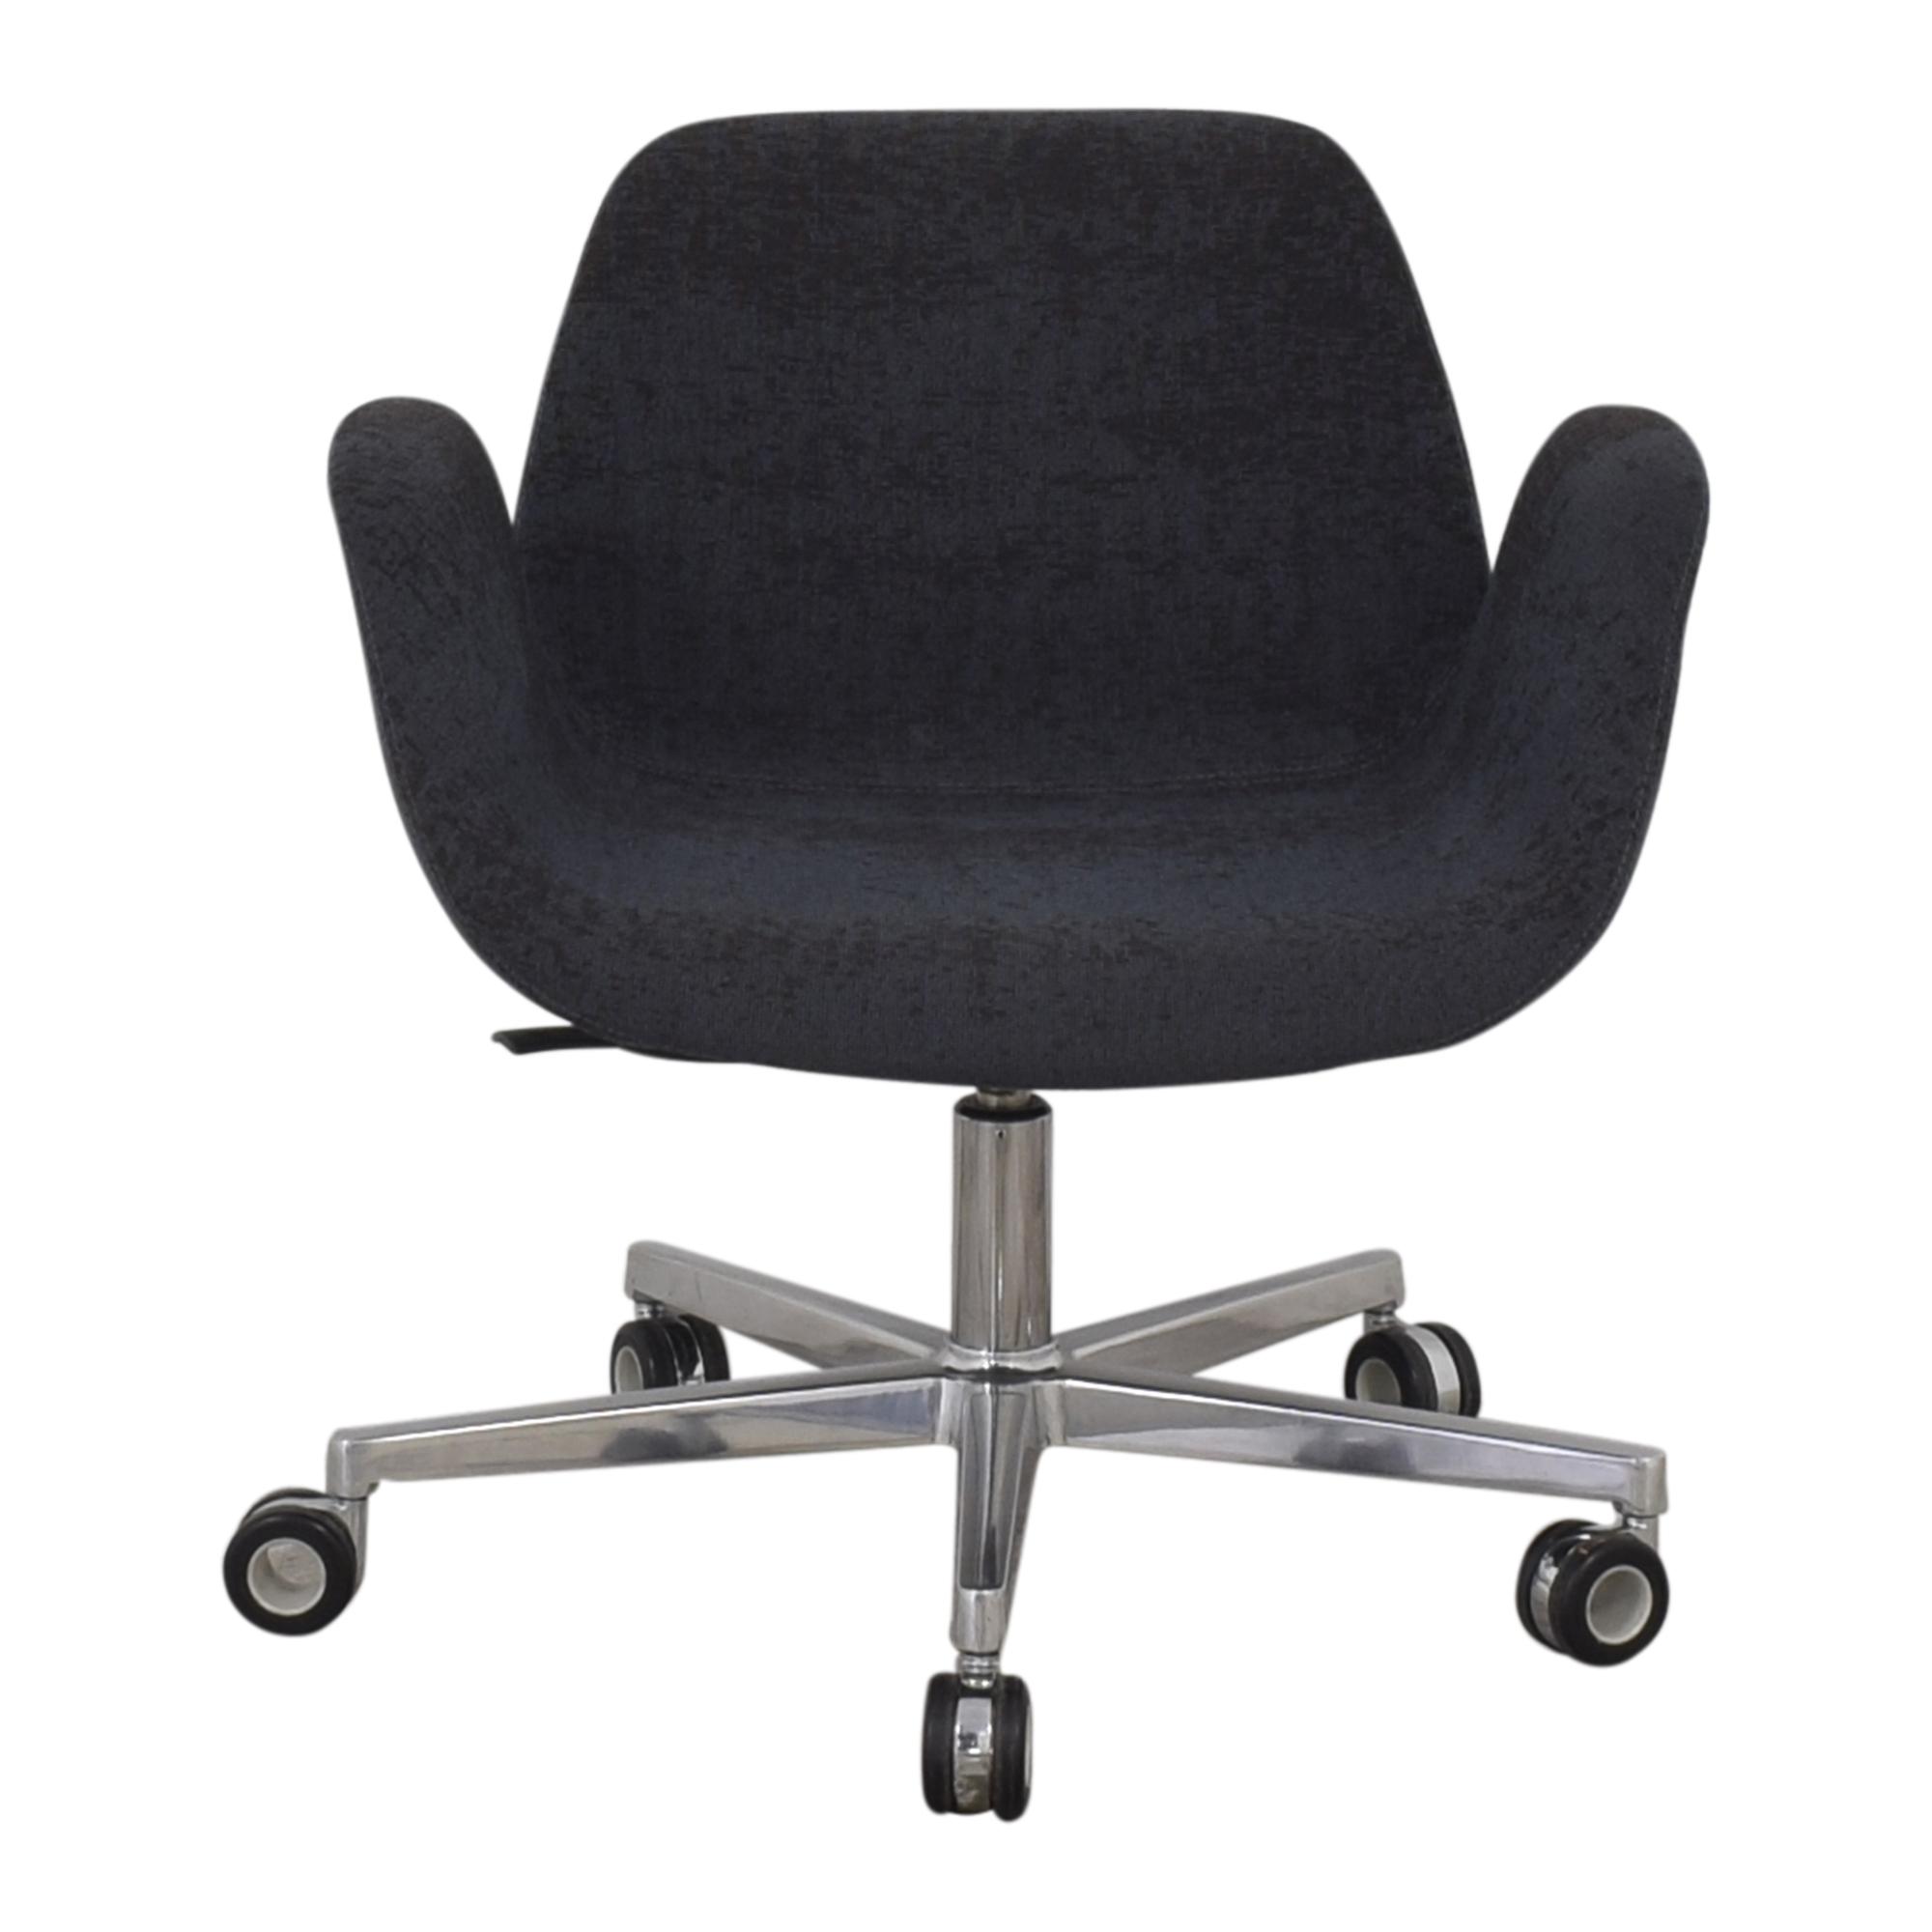 Koleksiyon Koleksiyon Halia Operator Chair ma